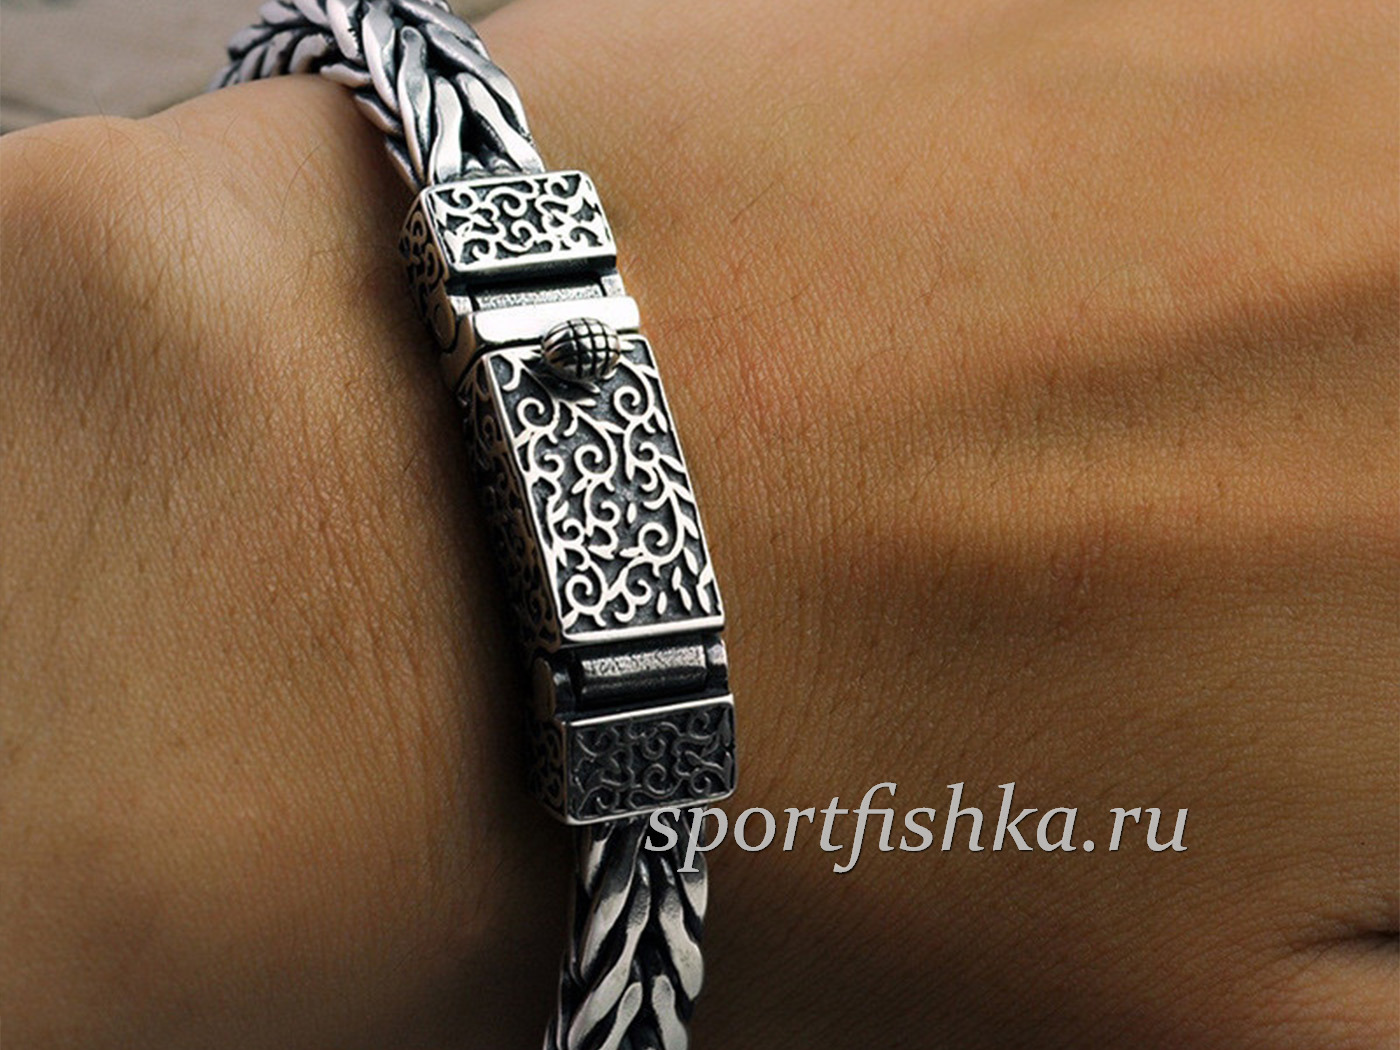 Оригинальные браслеты из серебра мужские